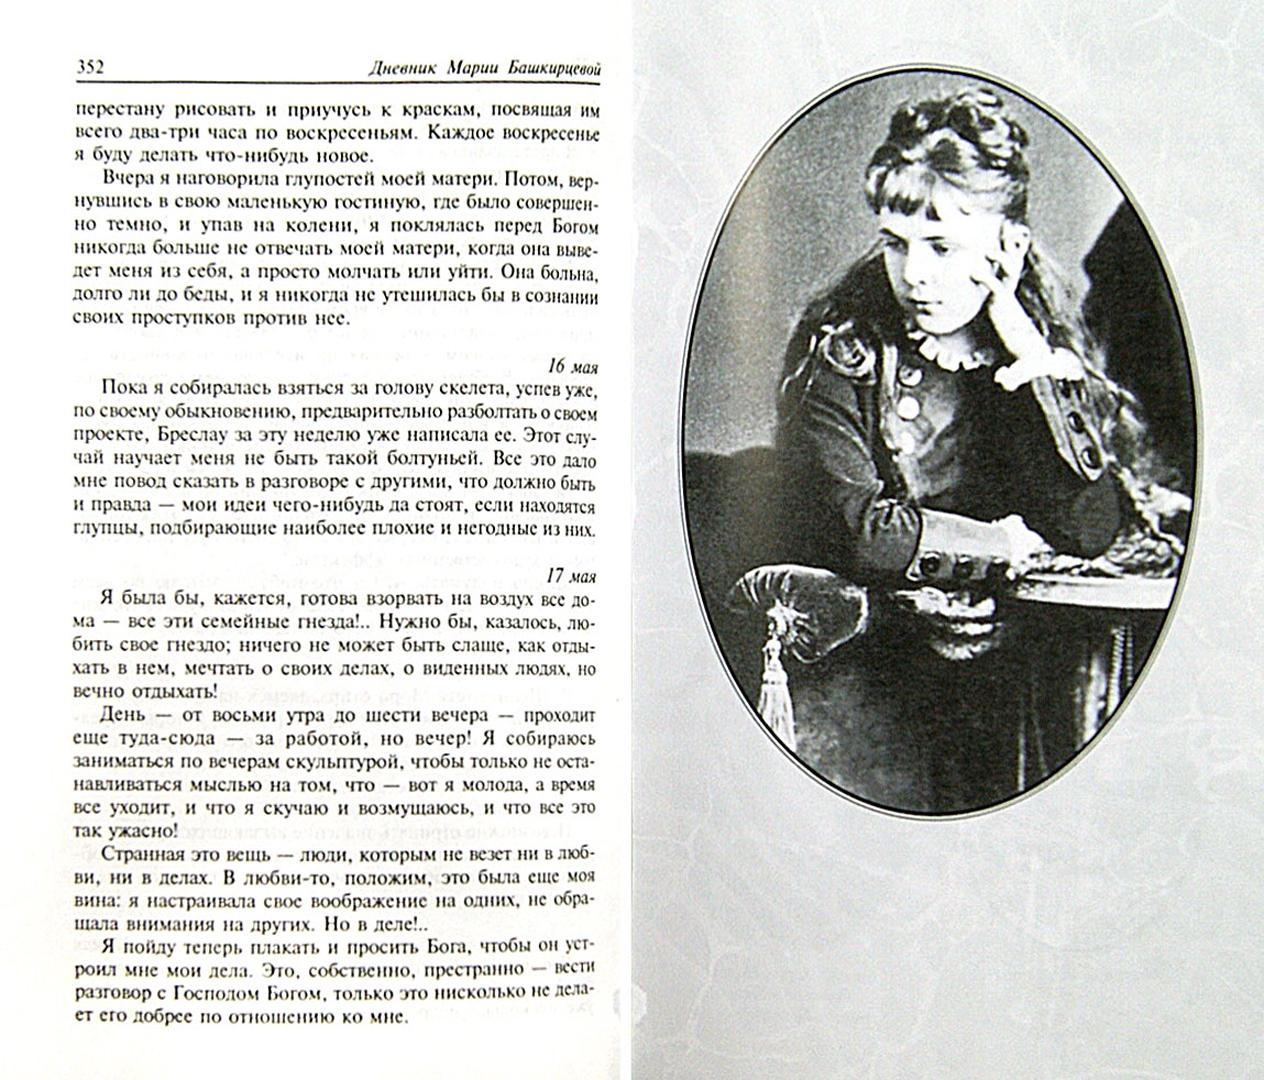 Иллюстрация 1 из 10 для Дневник - Мария Башкирцева | Лабиринт - книги. Источник: Лабиринт